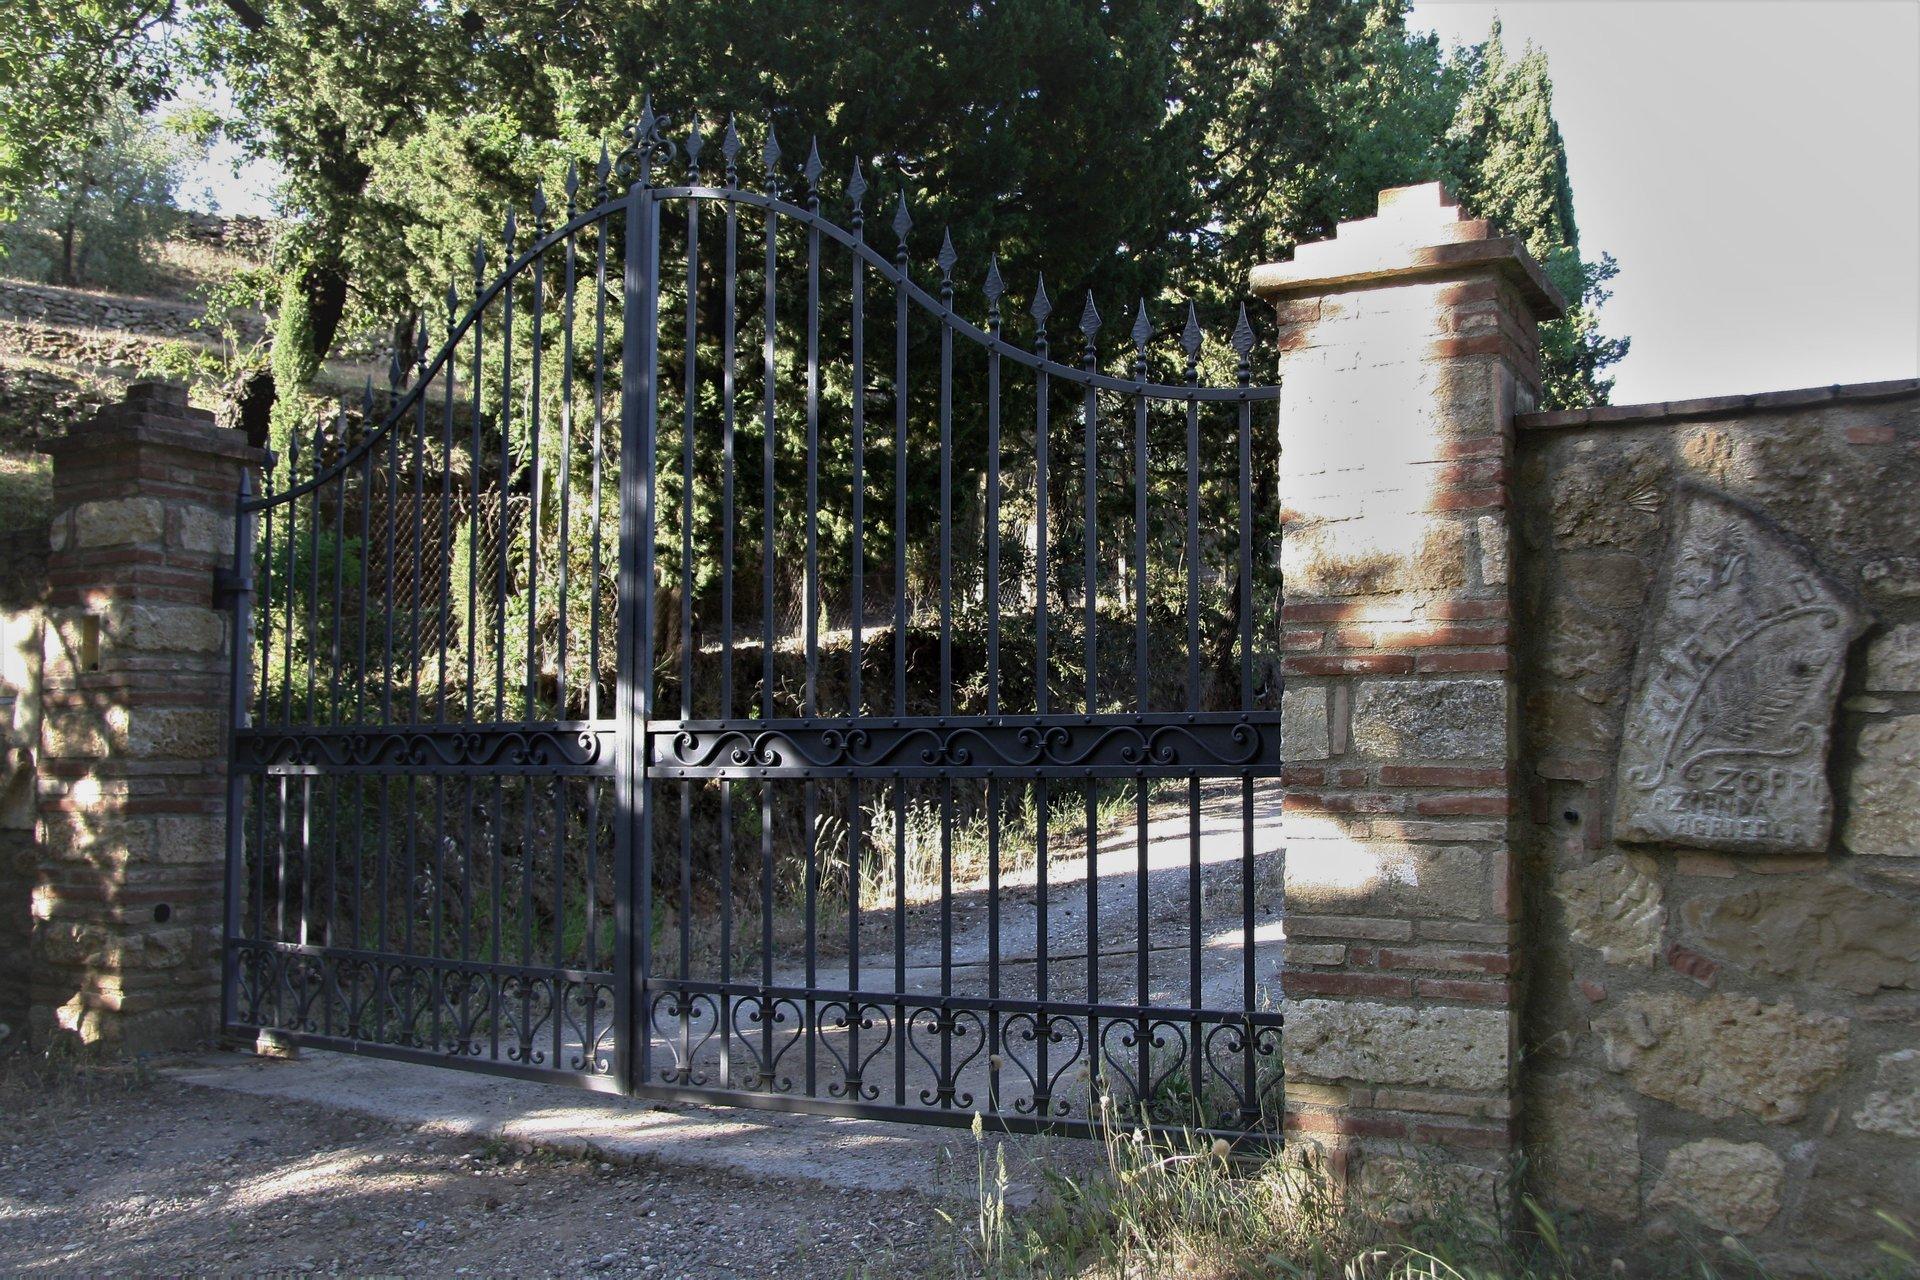 entrata con cancello